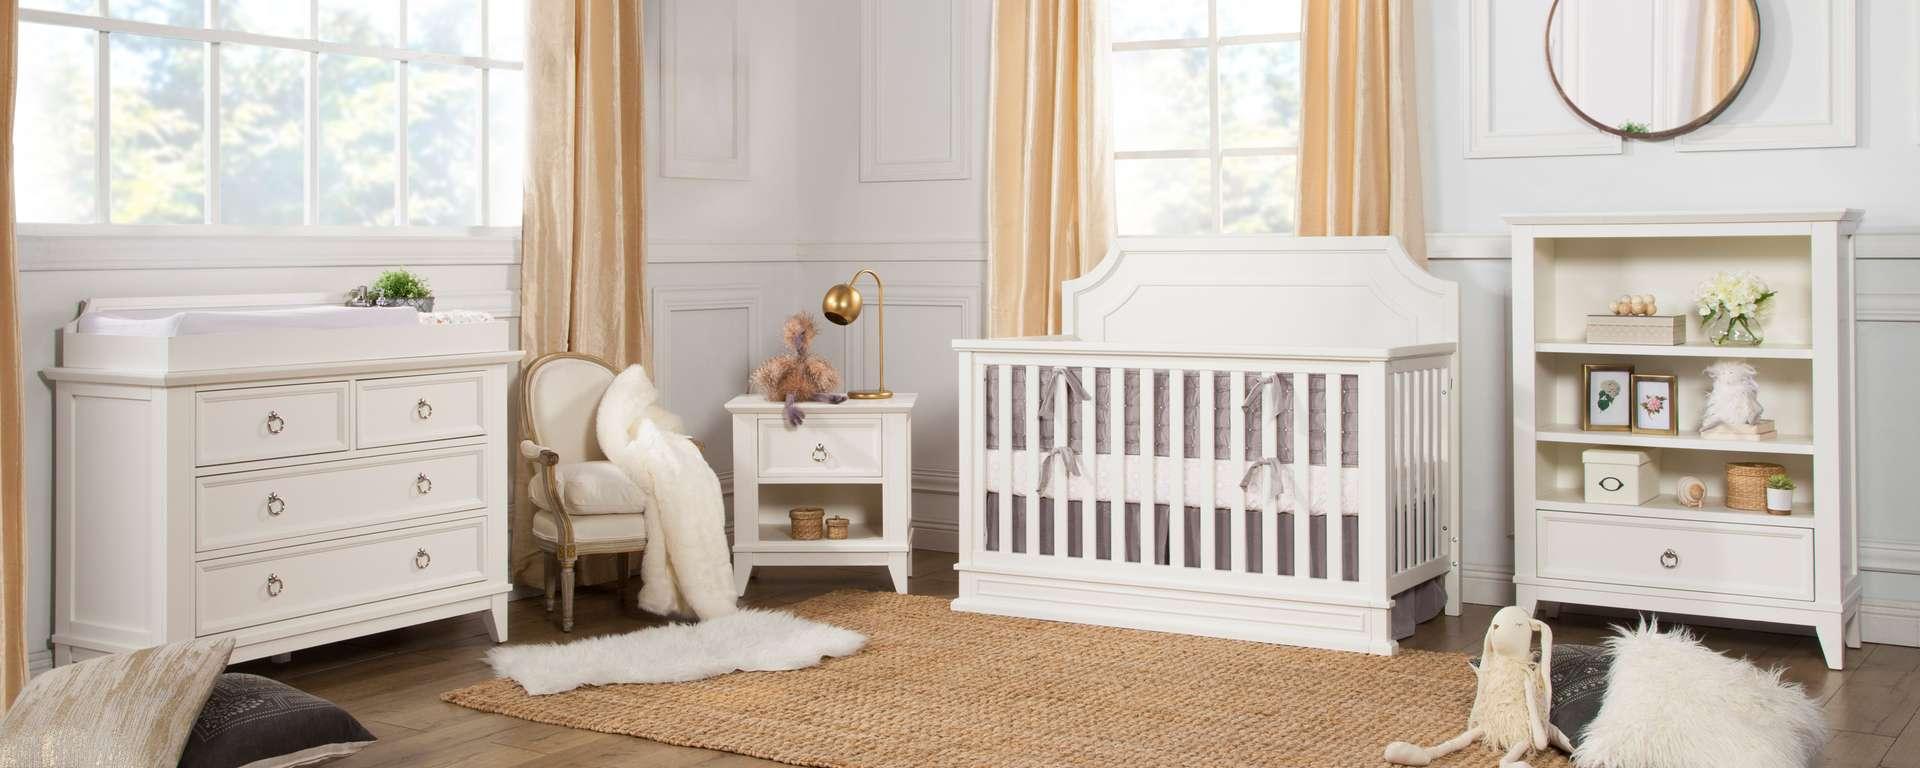 Million Dollar Baby crib